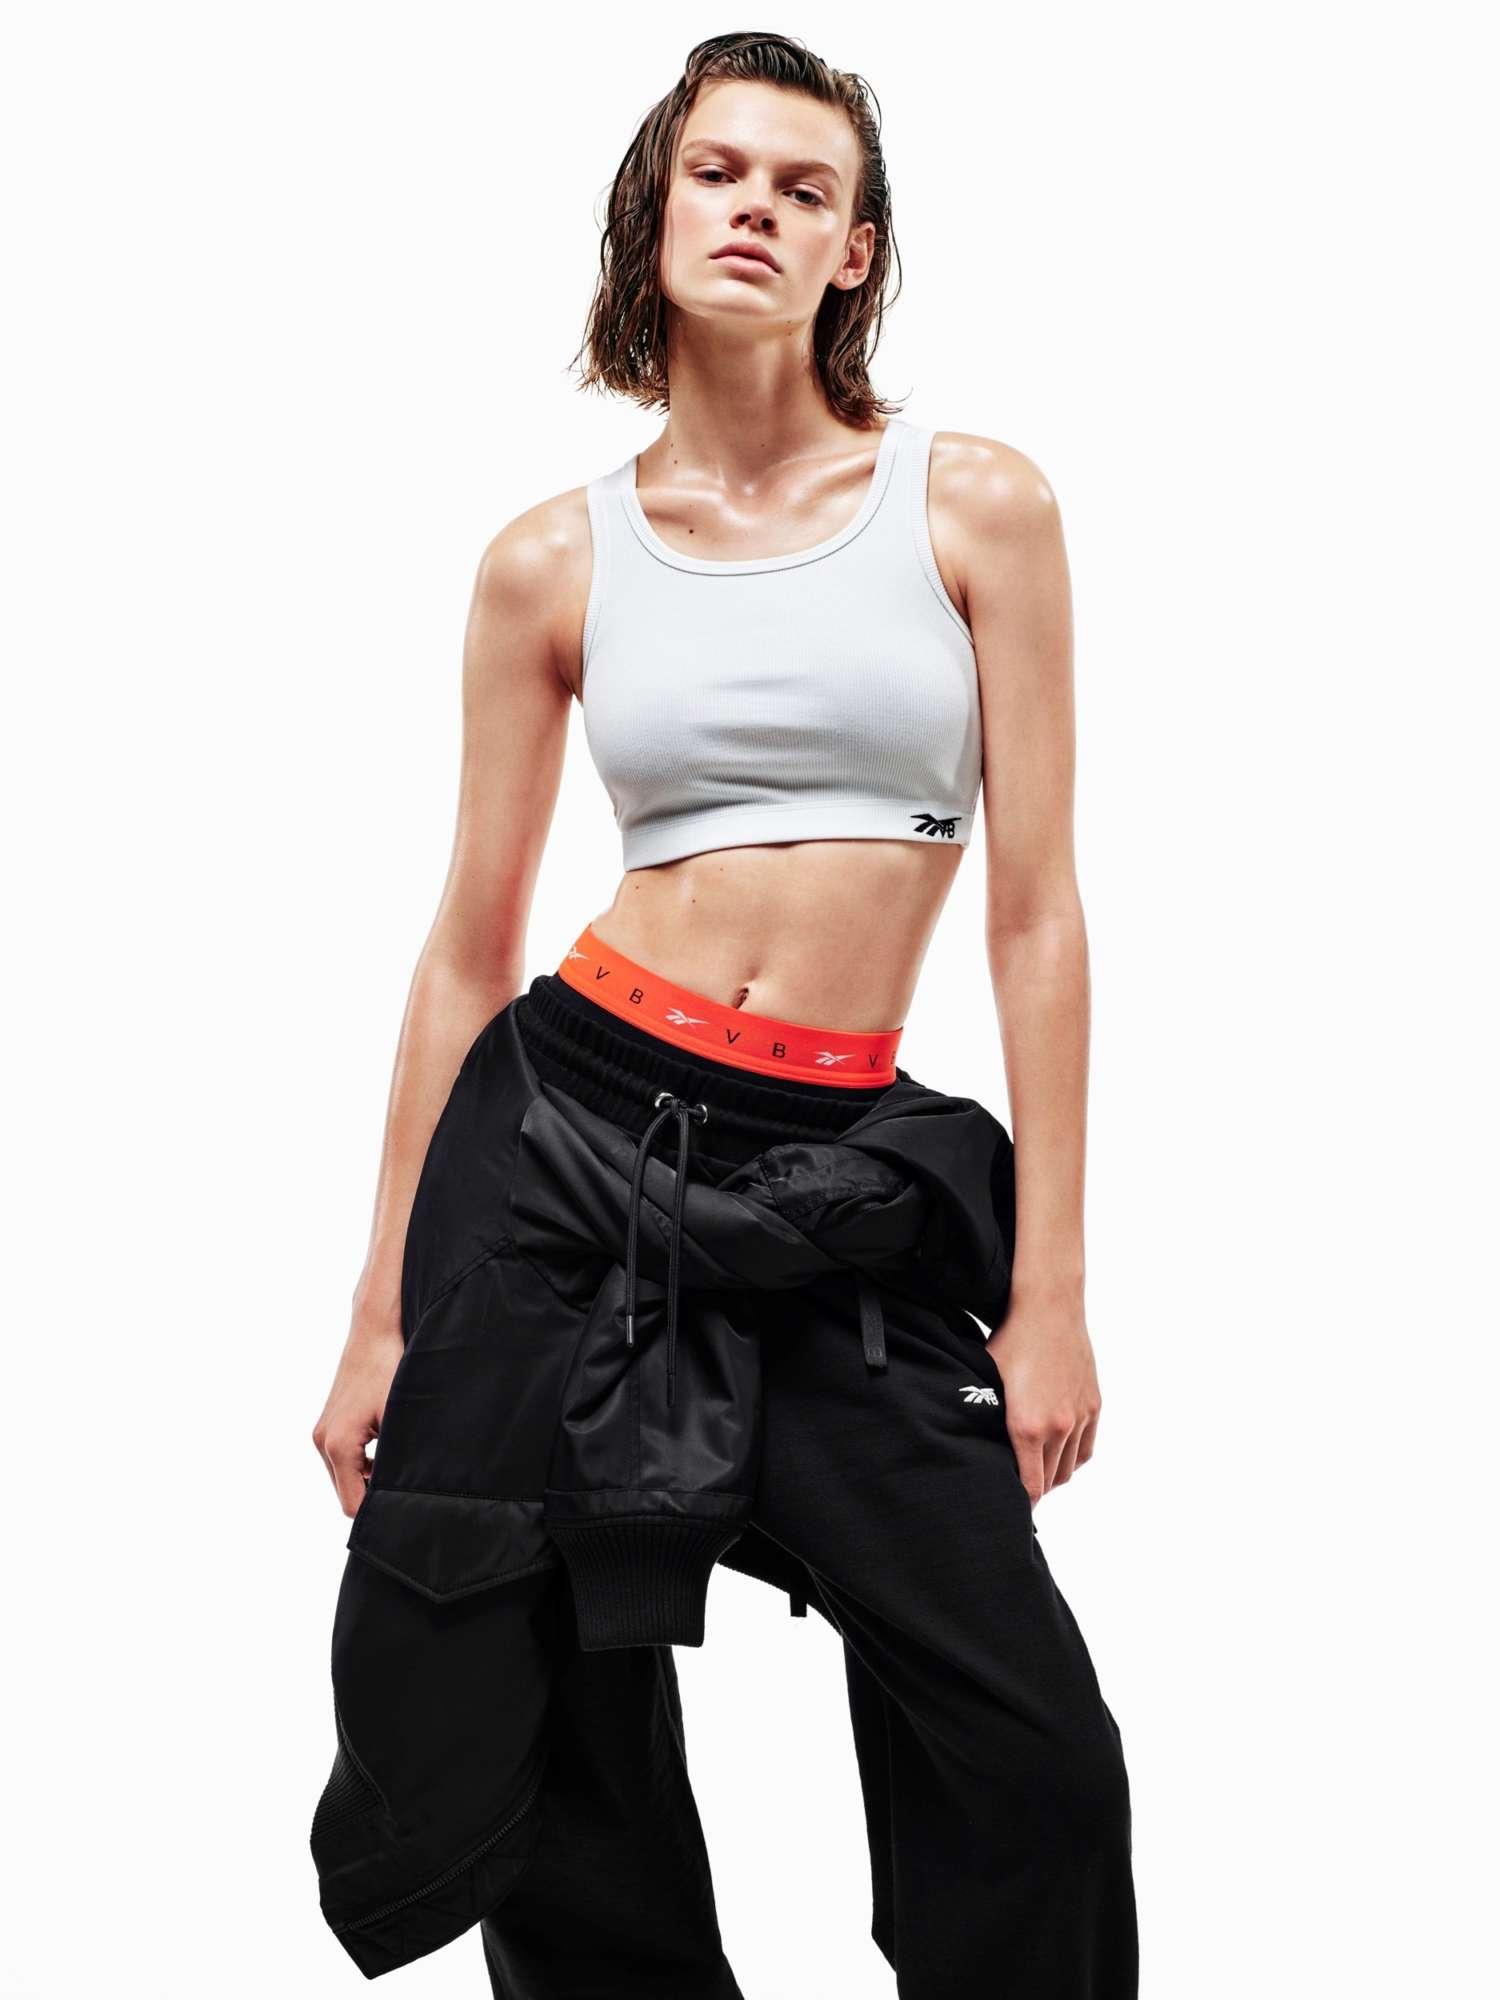 Виктория Бекхэм совместно с Reebok создала коллекцию спортивной одежды-Фото 4